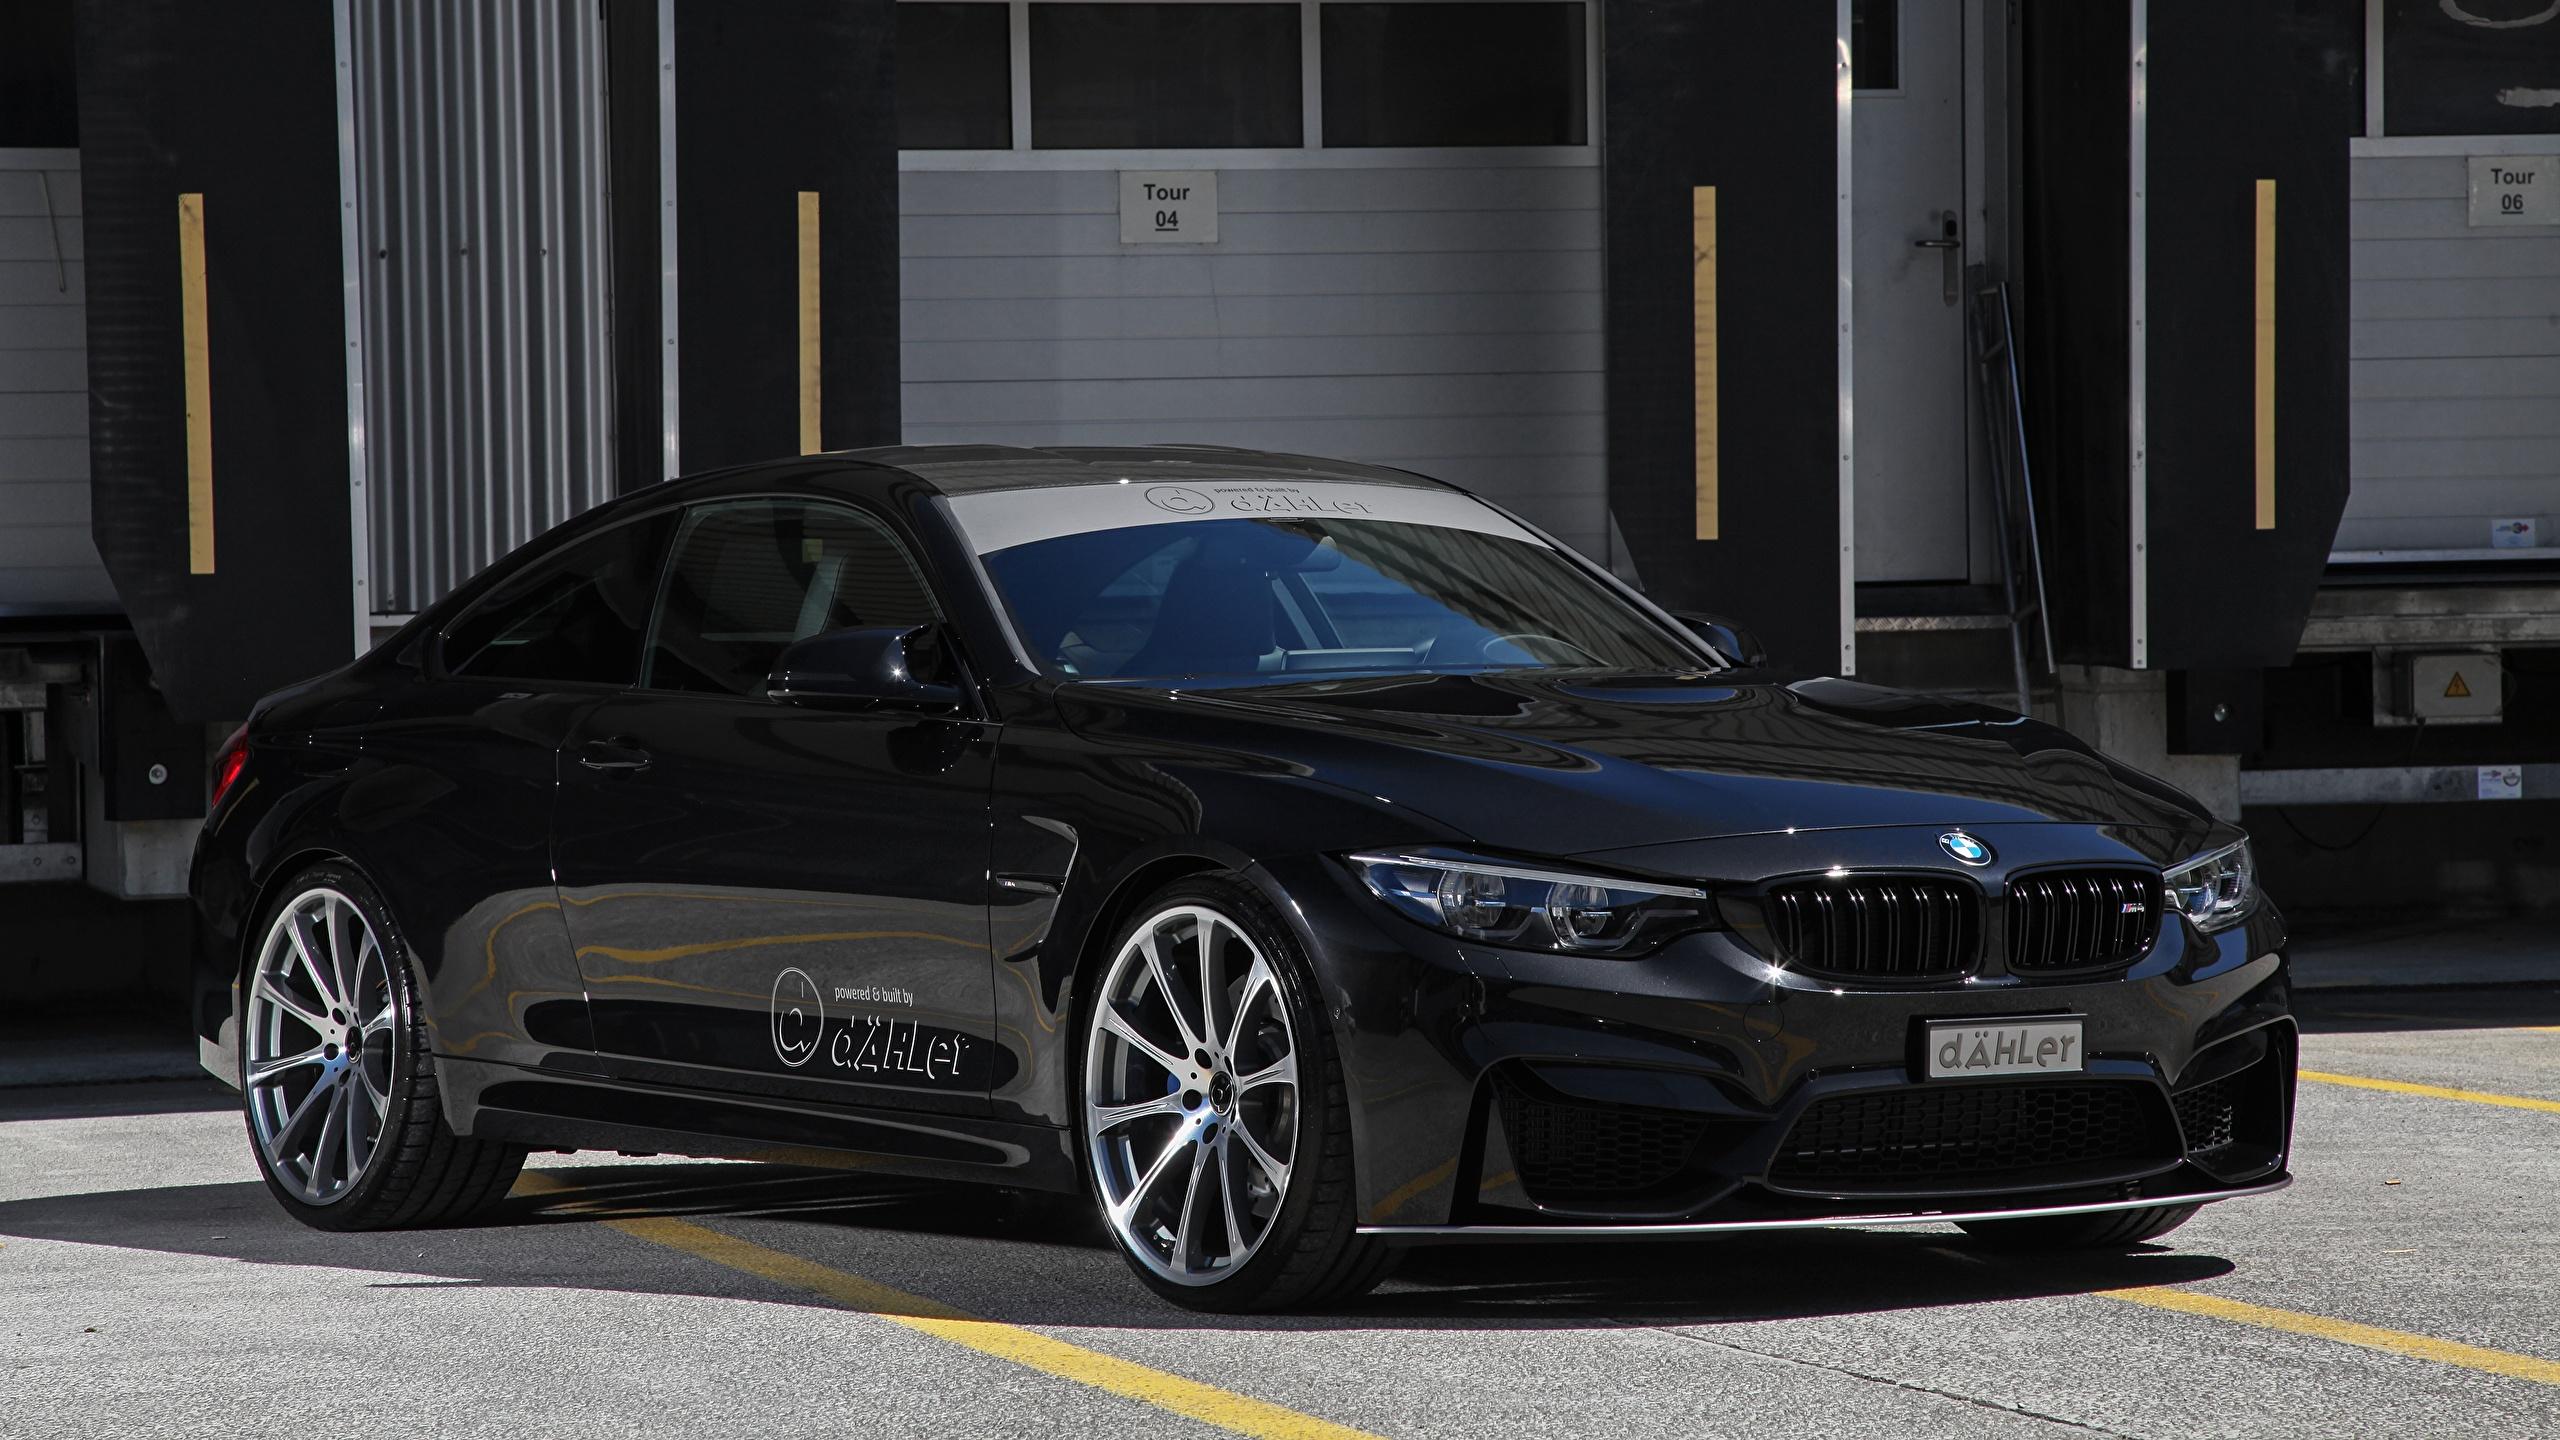 Картинки BMW 2017 M4 Coupe Competition Package Купе Черный Металлик Автомобили 2560x1440 БМВ черных черные черная авто машина машины автомобиль